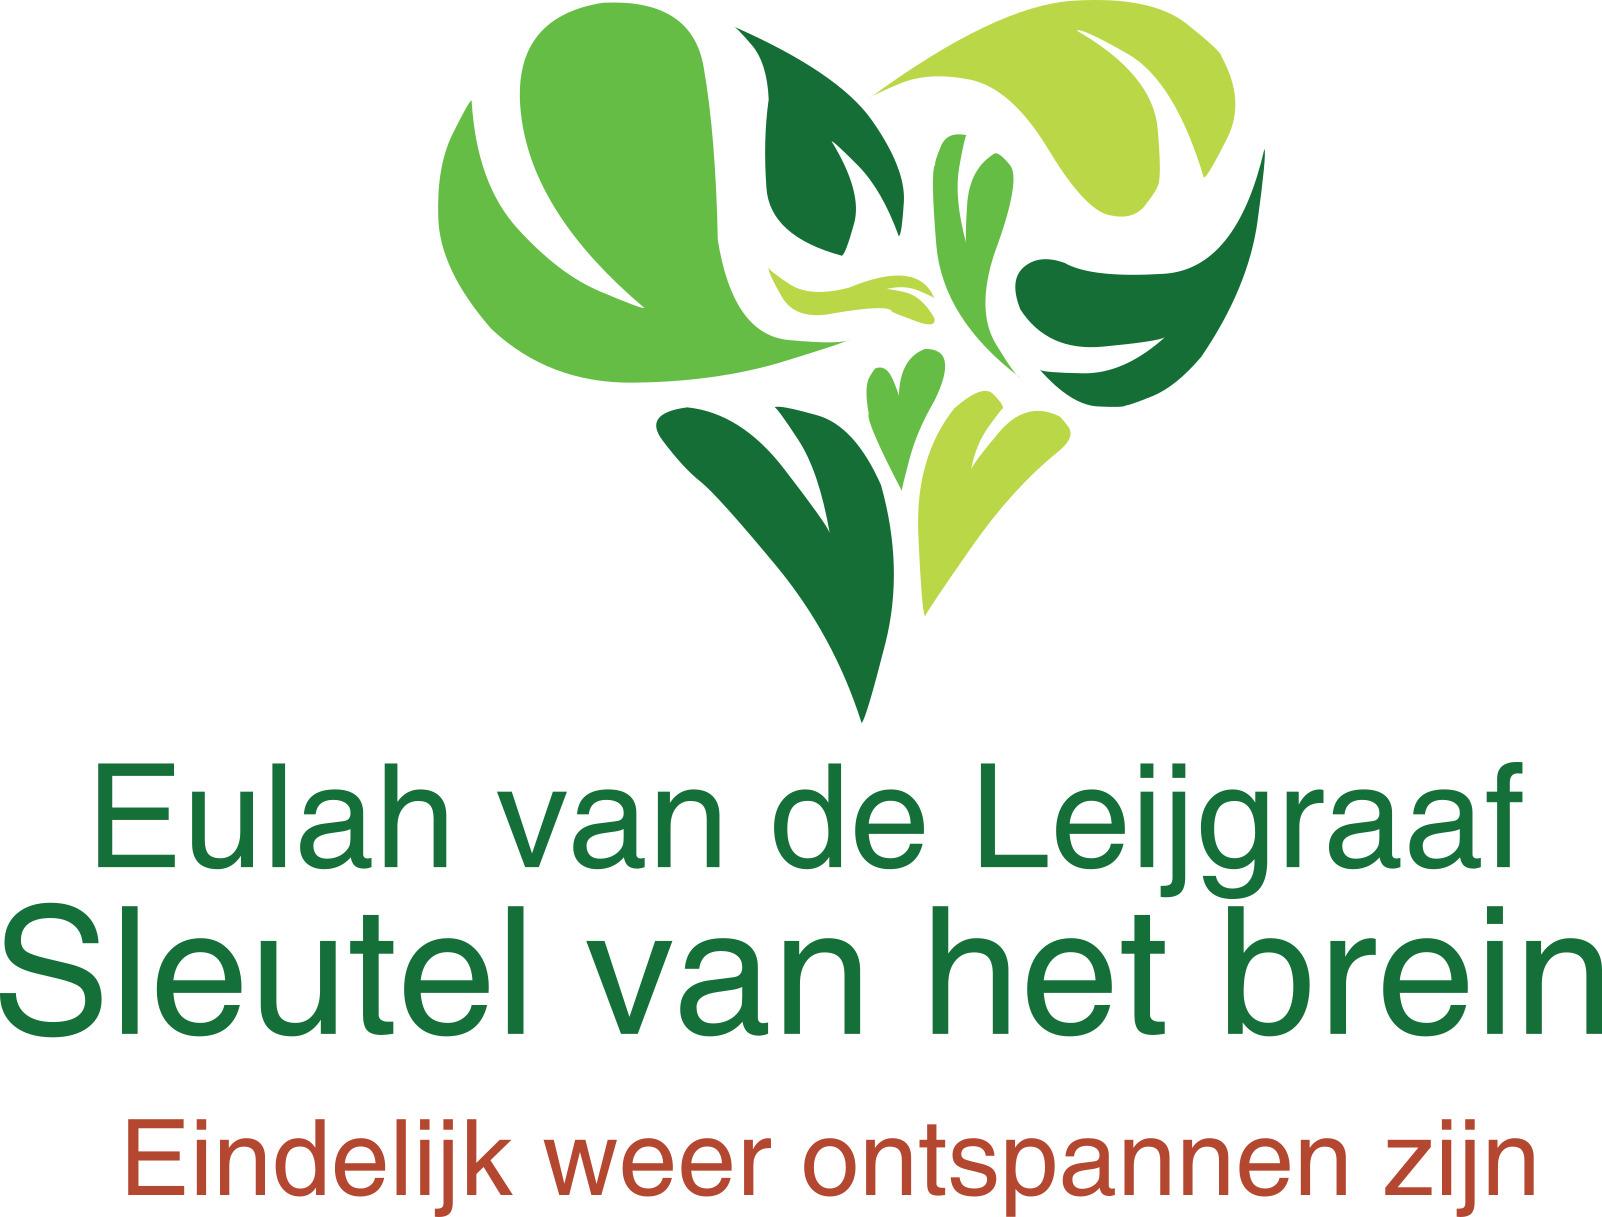 Sleutel van het brein /MatriXcoach Zeeland     Eulah van de Leijgraaf